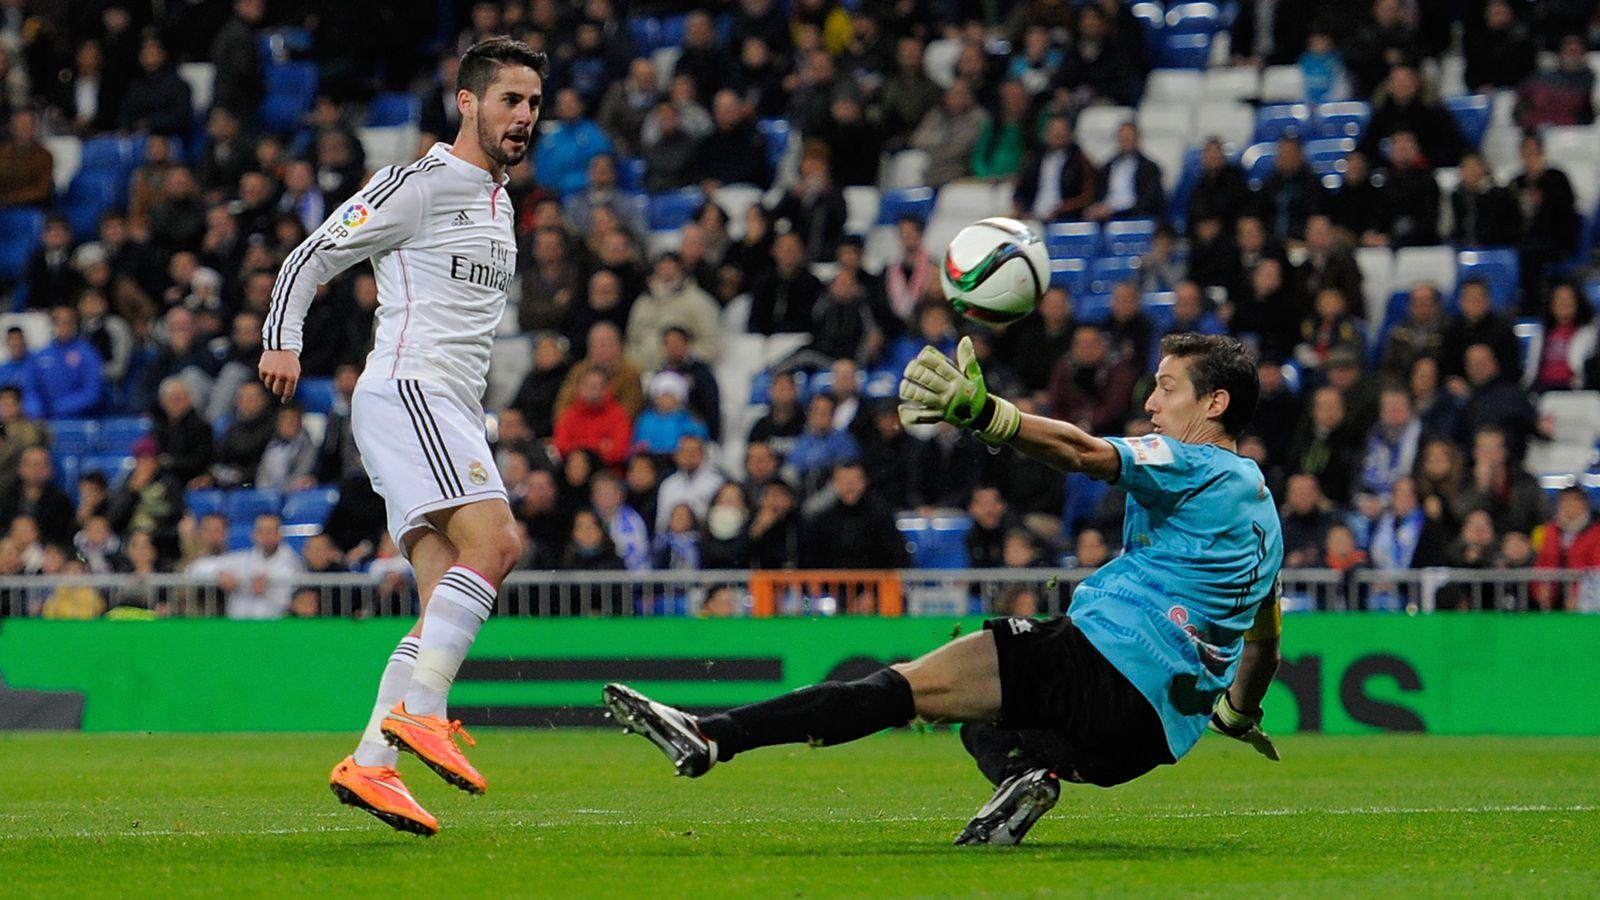 Реал ставки Мадрид Лудогорец на матч